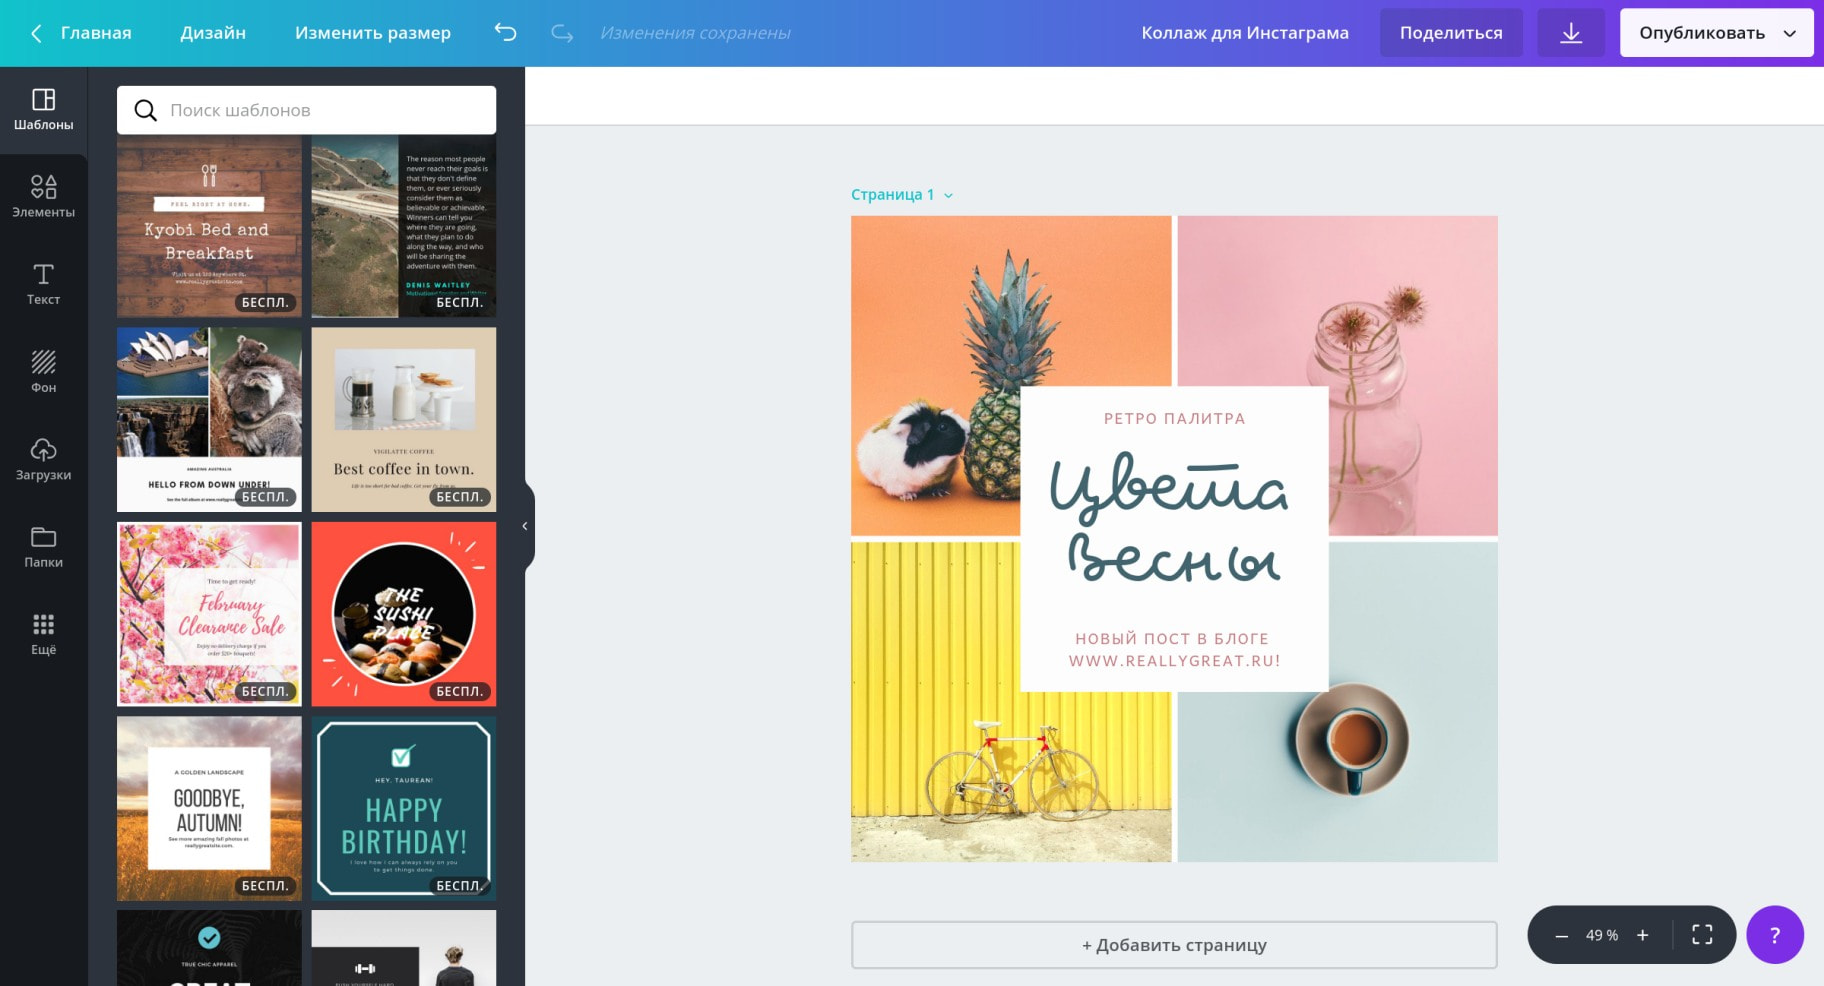 Создание коллажа для Инстаграма на русском языке в Canva